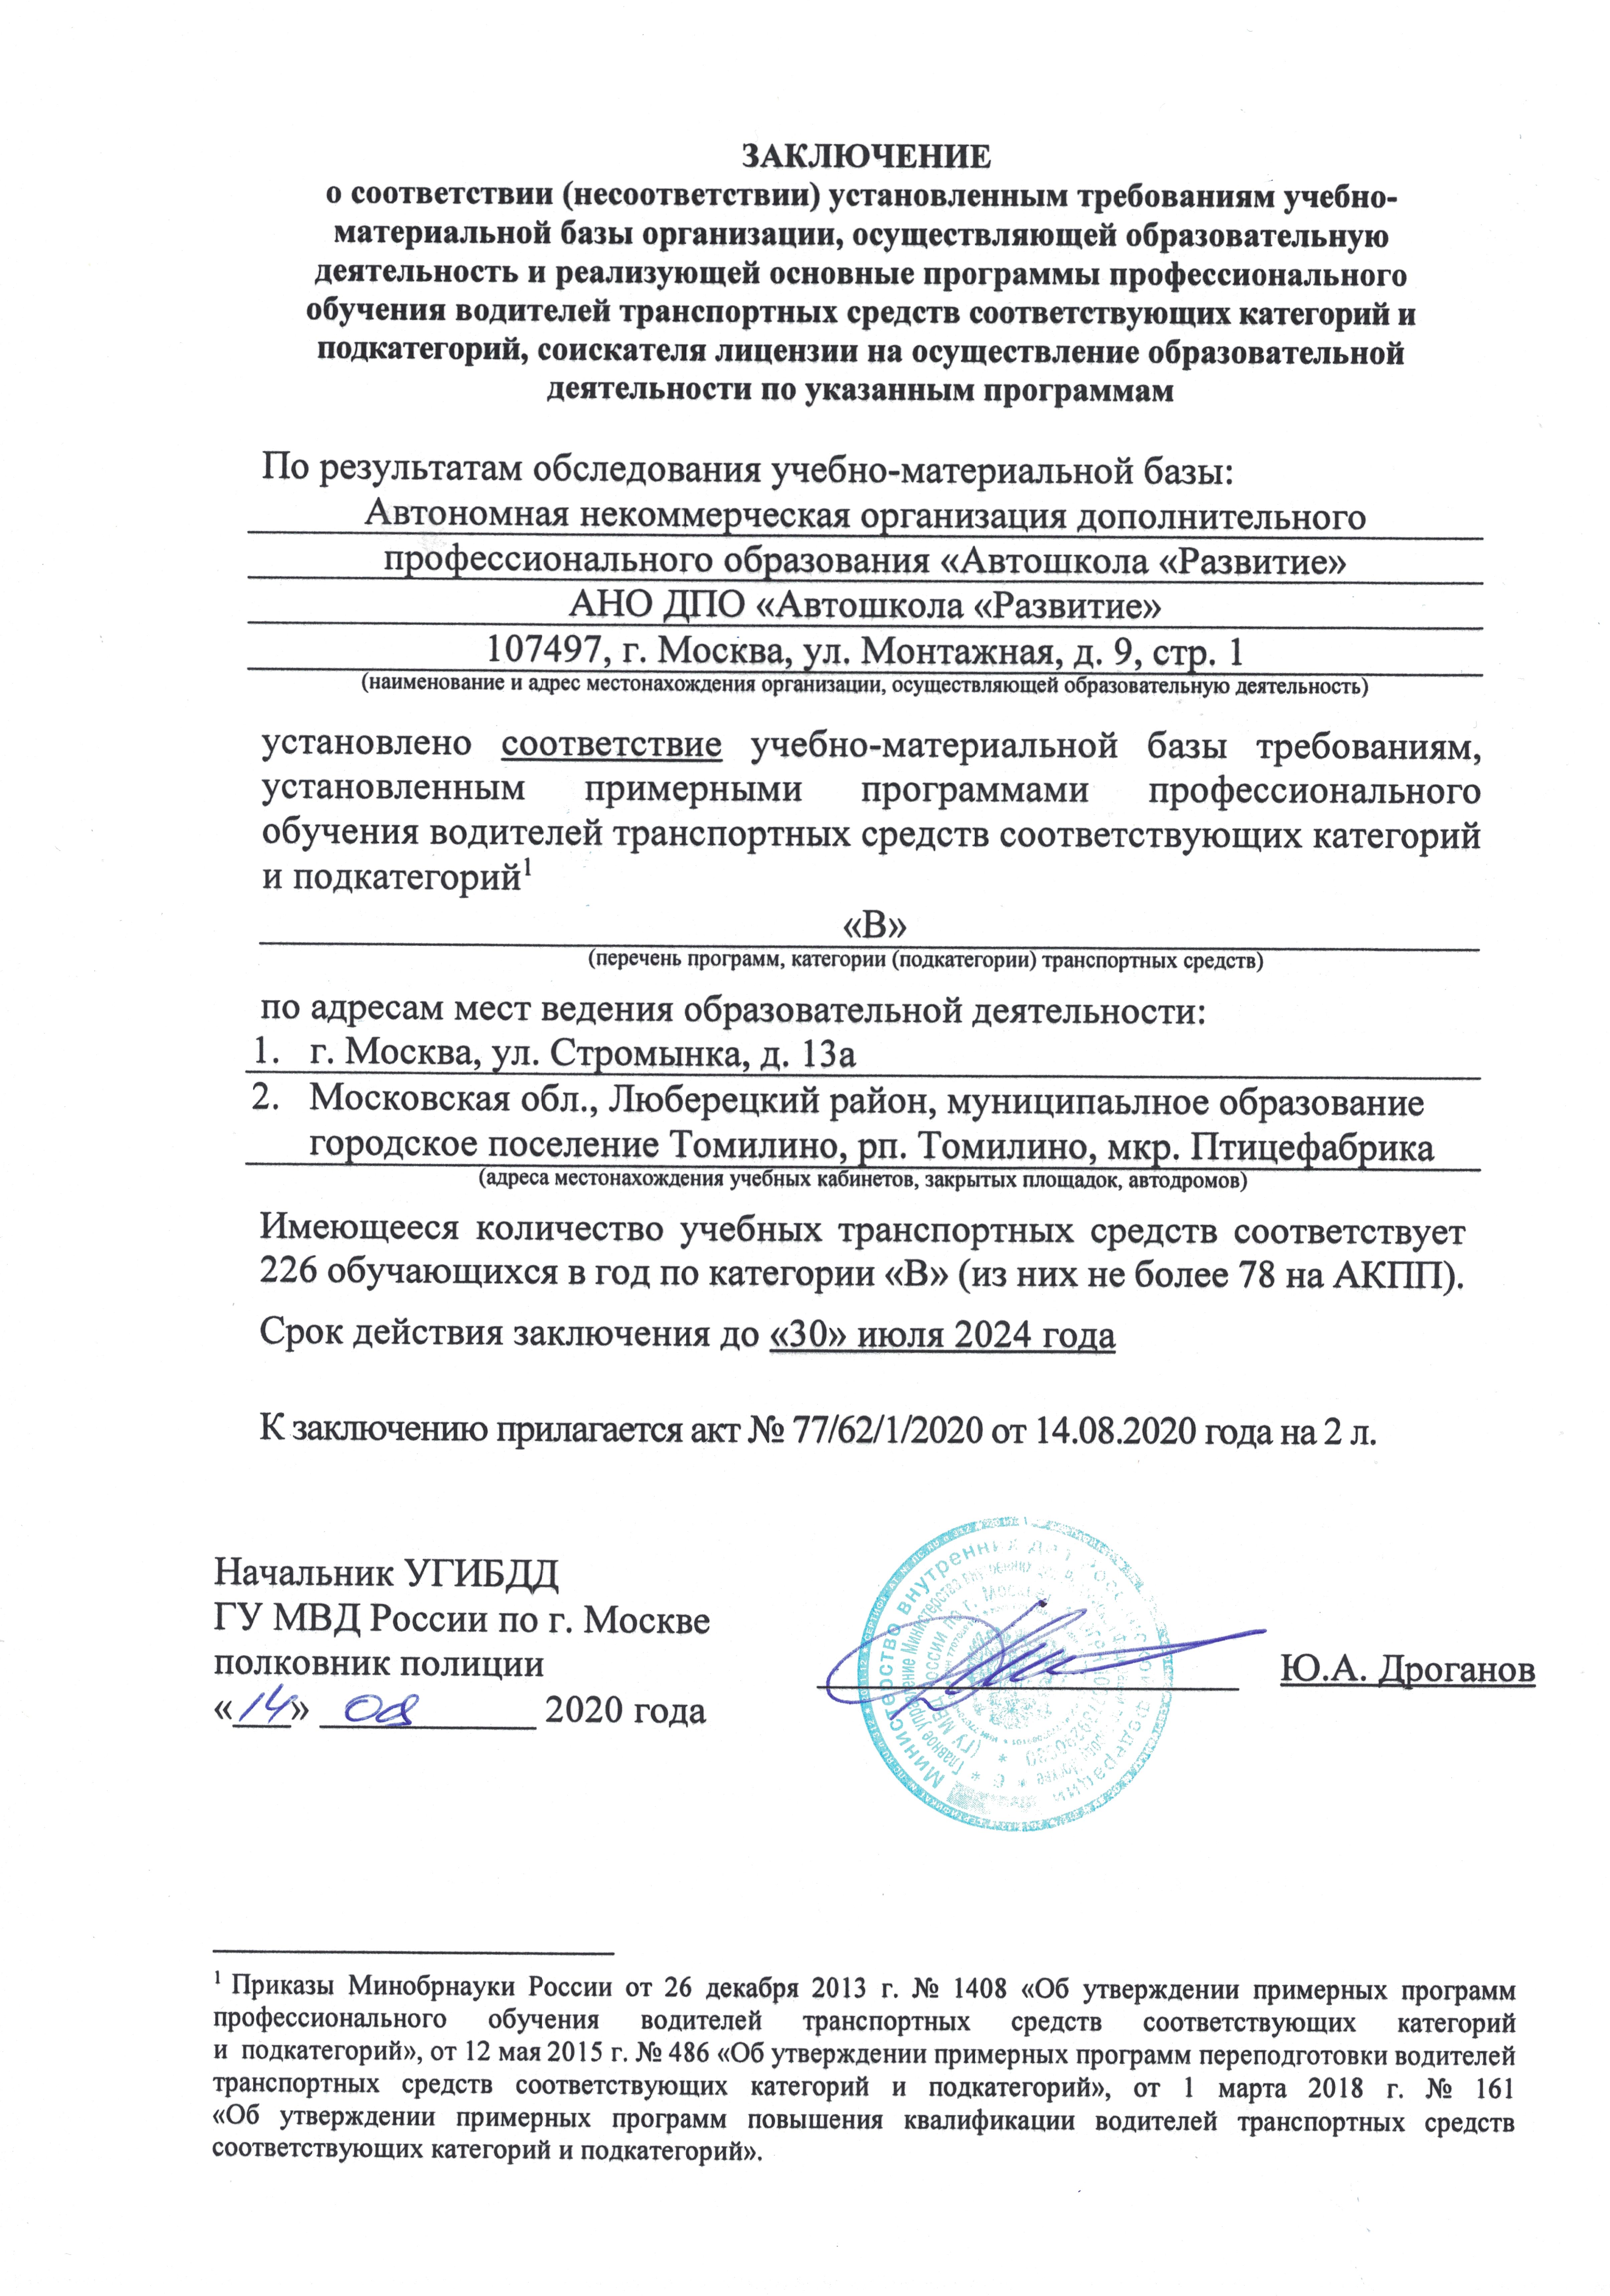 Заключение ГИБДД от 14.08.2020 по 2024 год